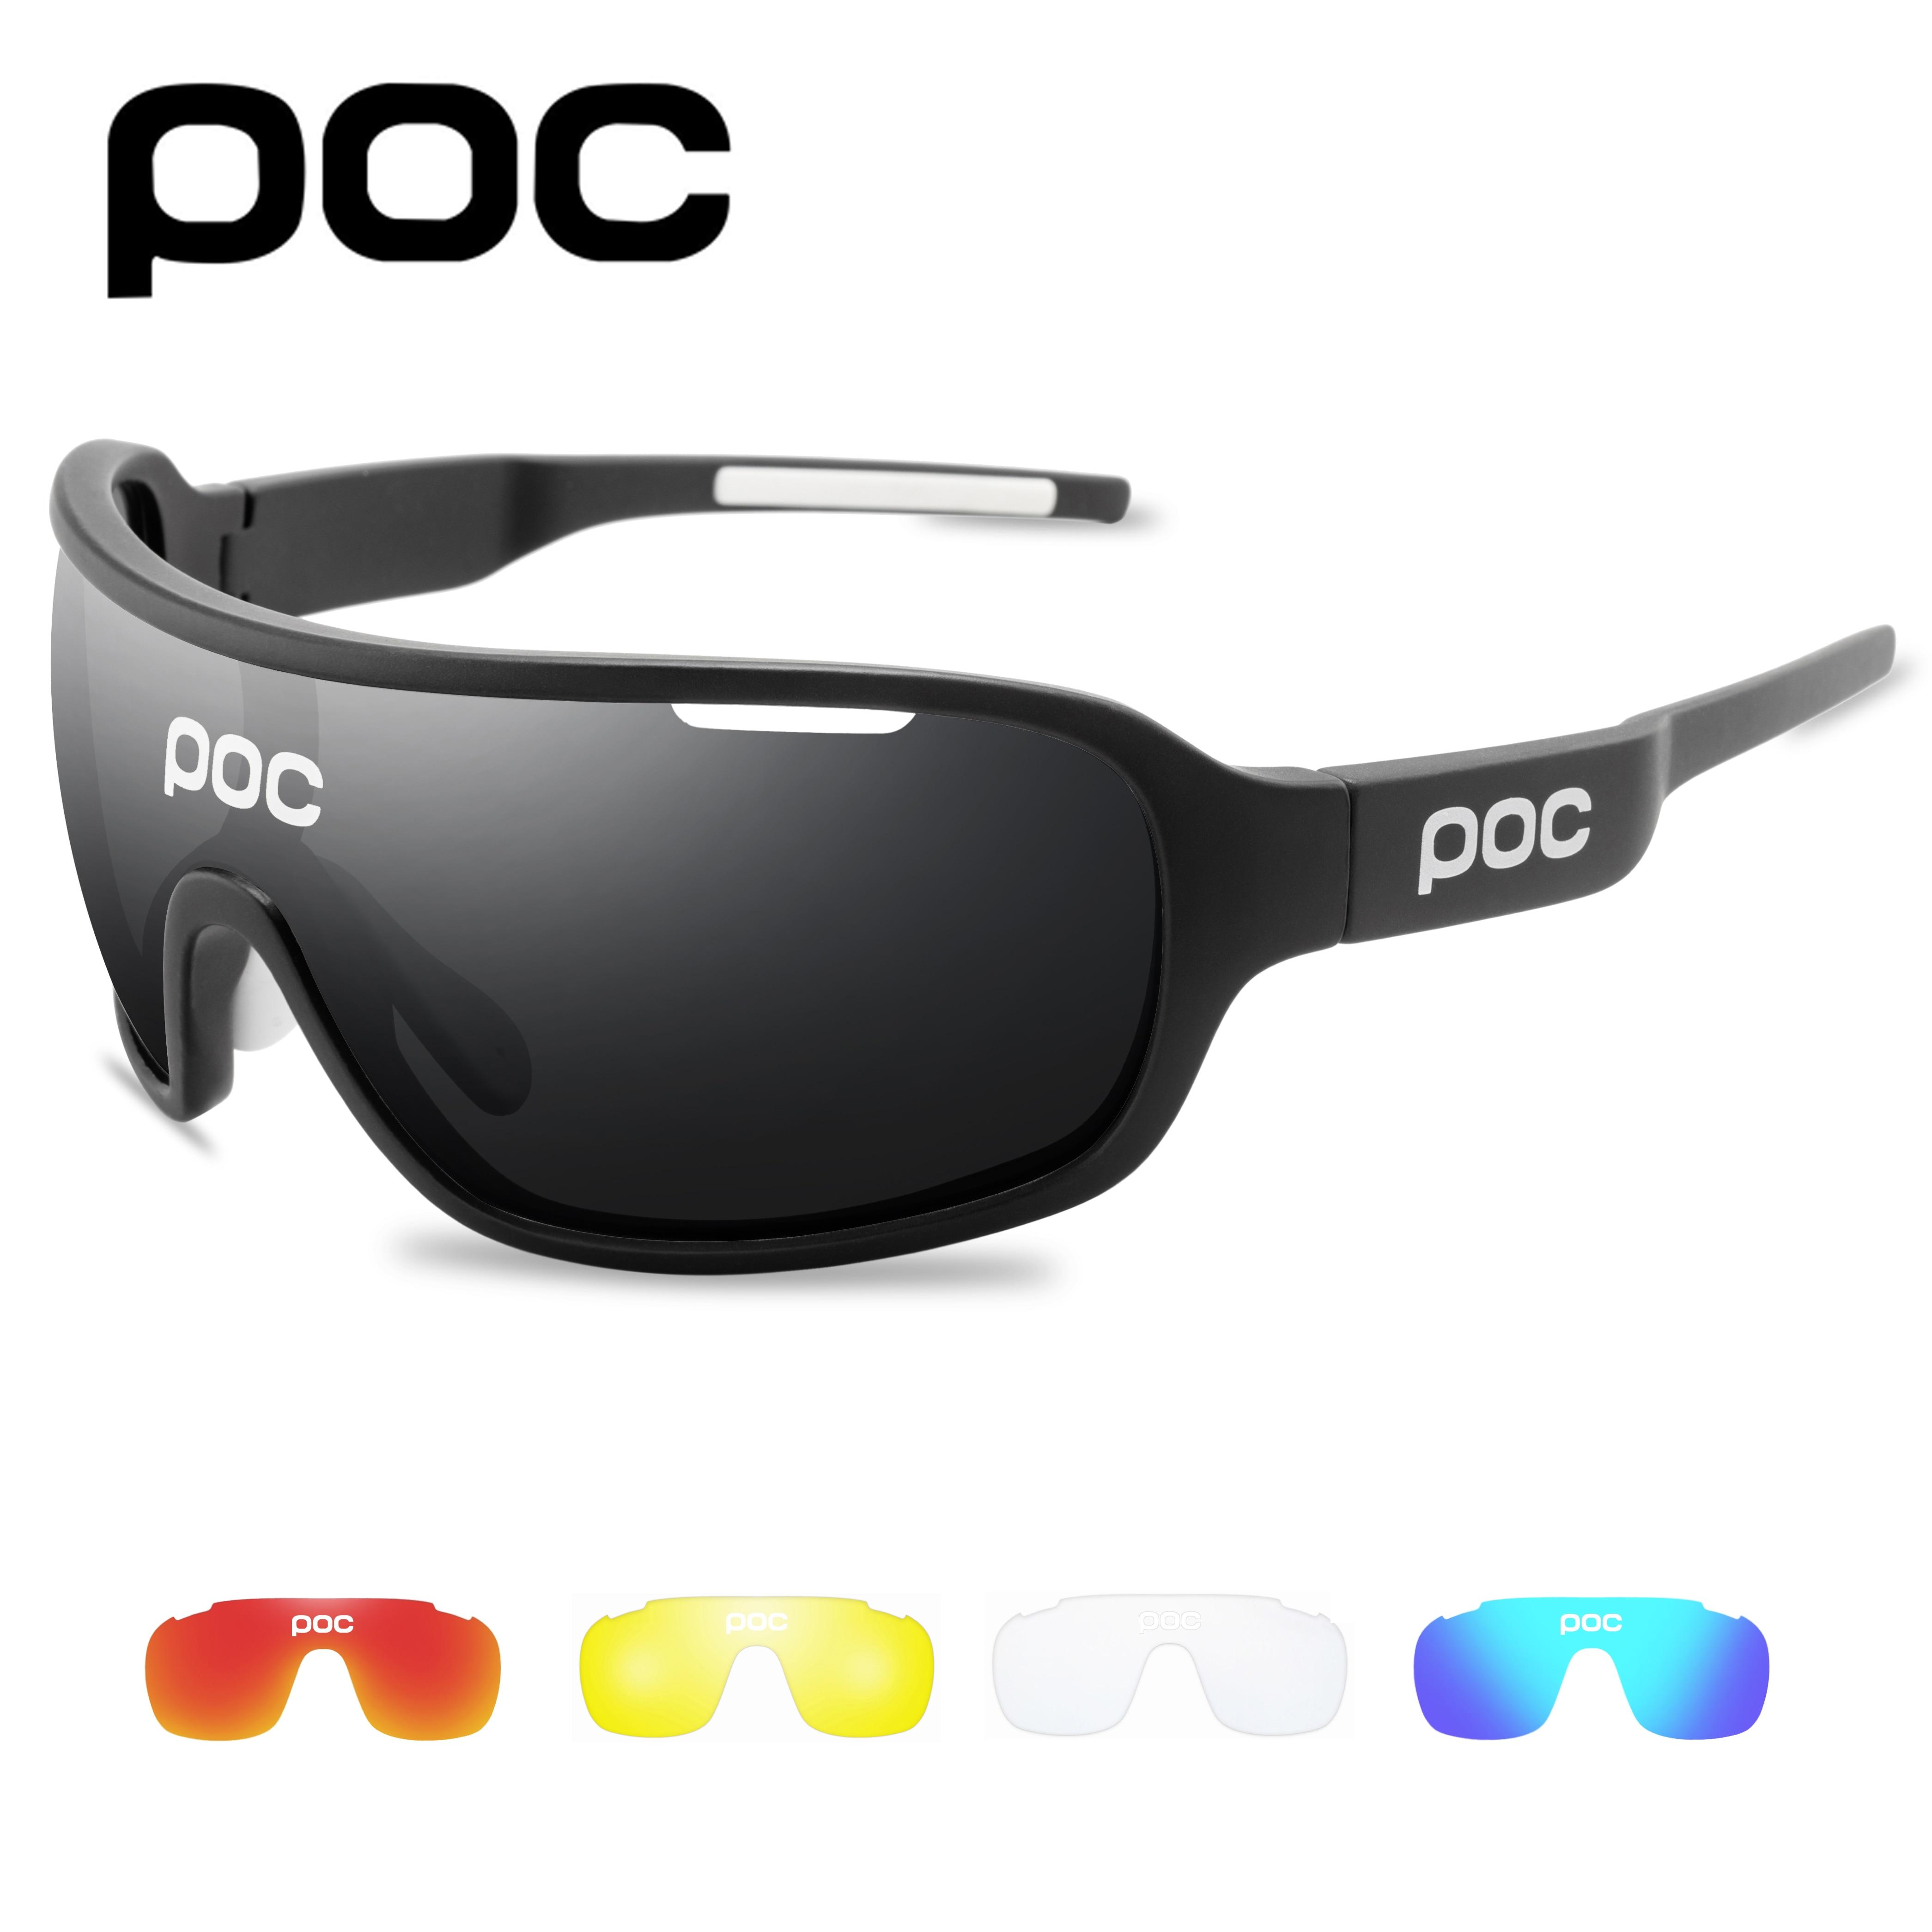 POC-gafas de sol polarizadas para deportes al aire libre para hombre y mujer, 4 lentes, gafas de bicicleta para montaña UV400